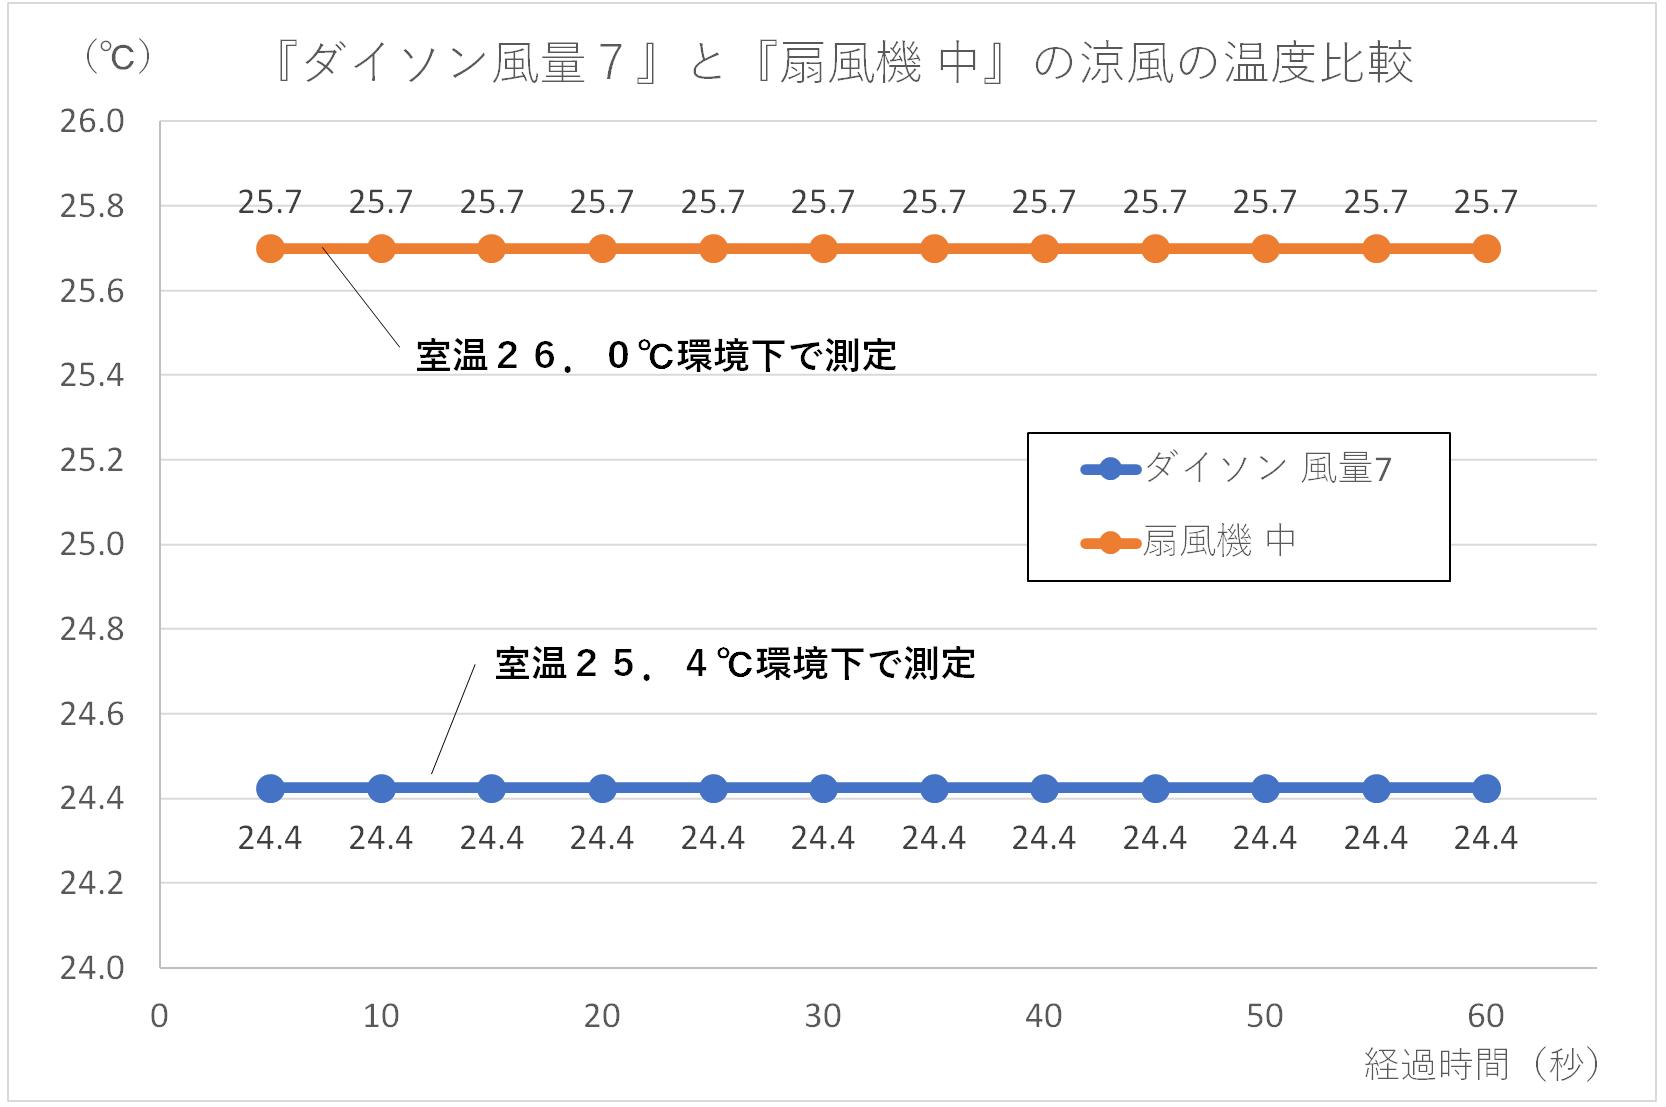 ダイソン風量7と扇風機中の風の温度を比較したグラフ